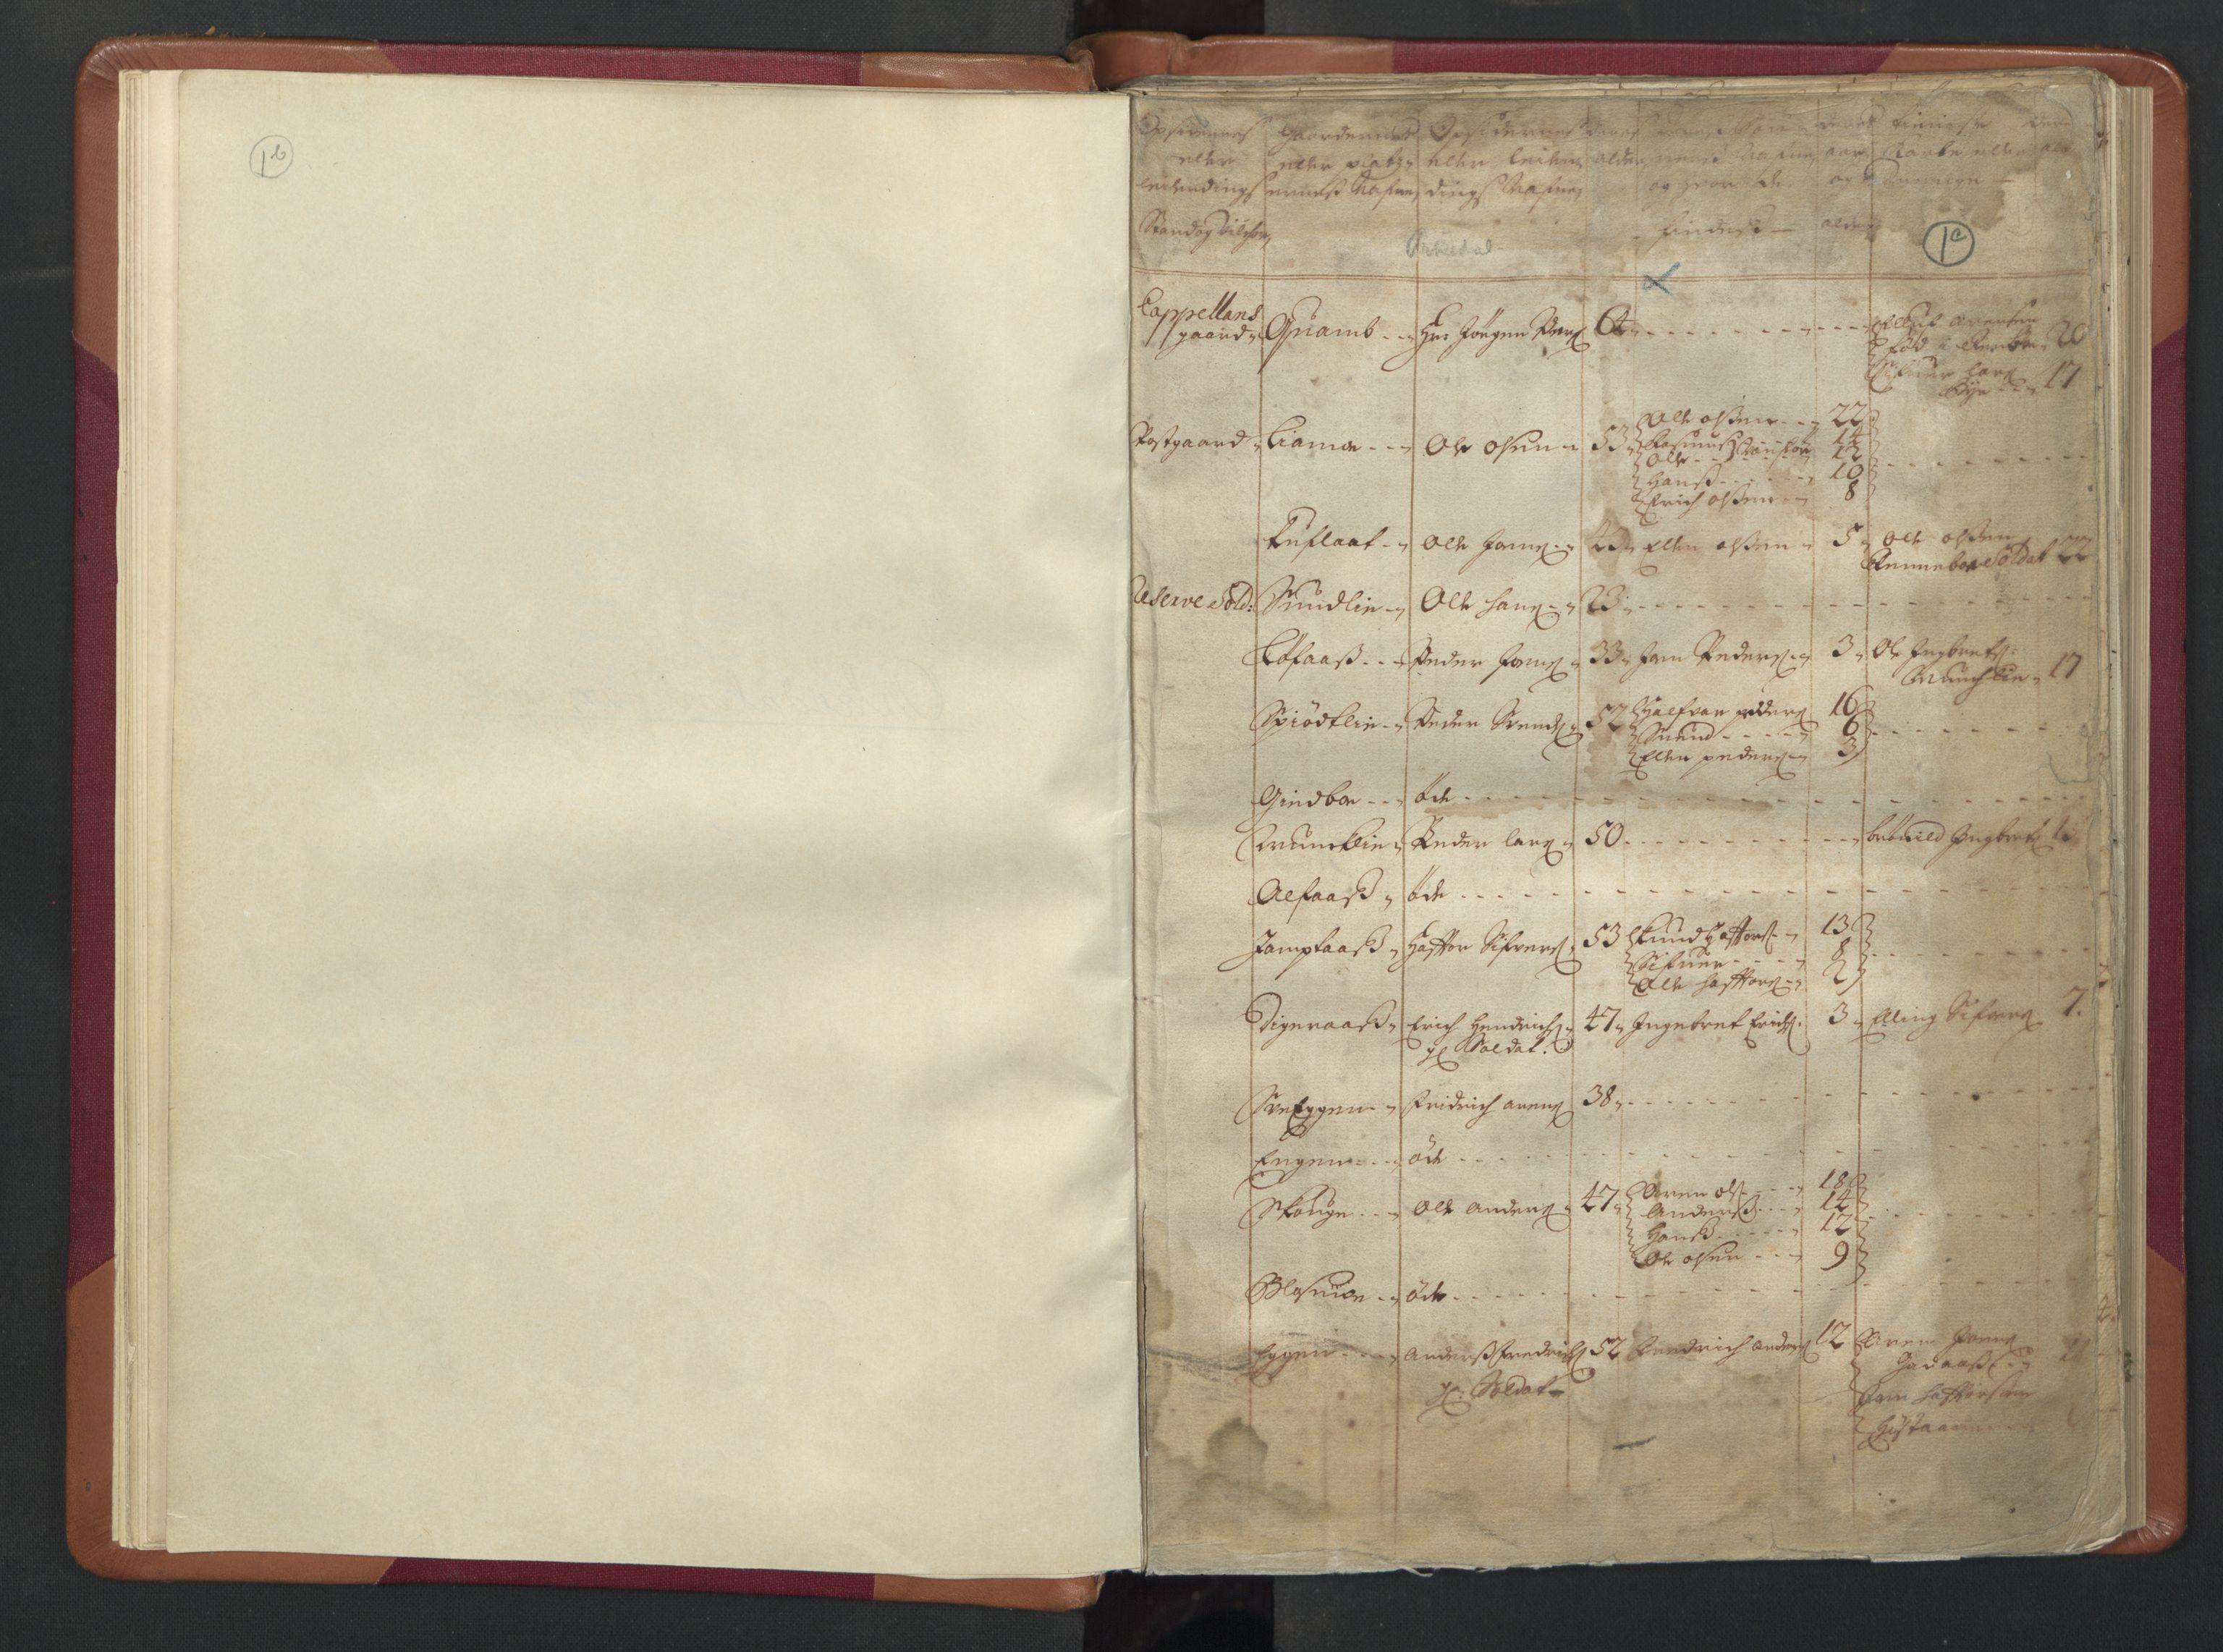 RA, Manntallet 1701, nr. 13: Orkdal fogderi og Gauldal fogderi med Røros kobberverk, 1701, s. 1b-1c